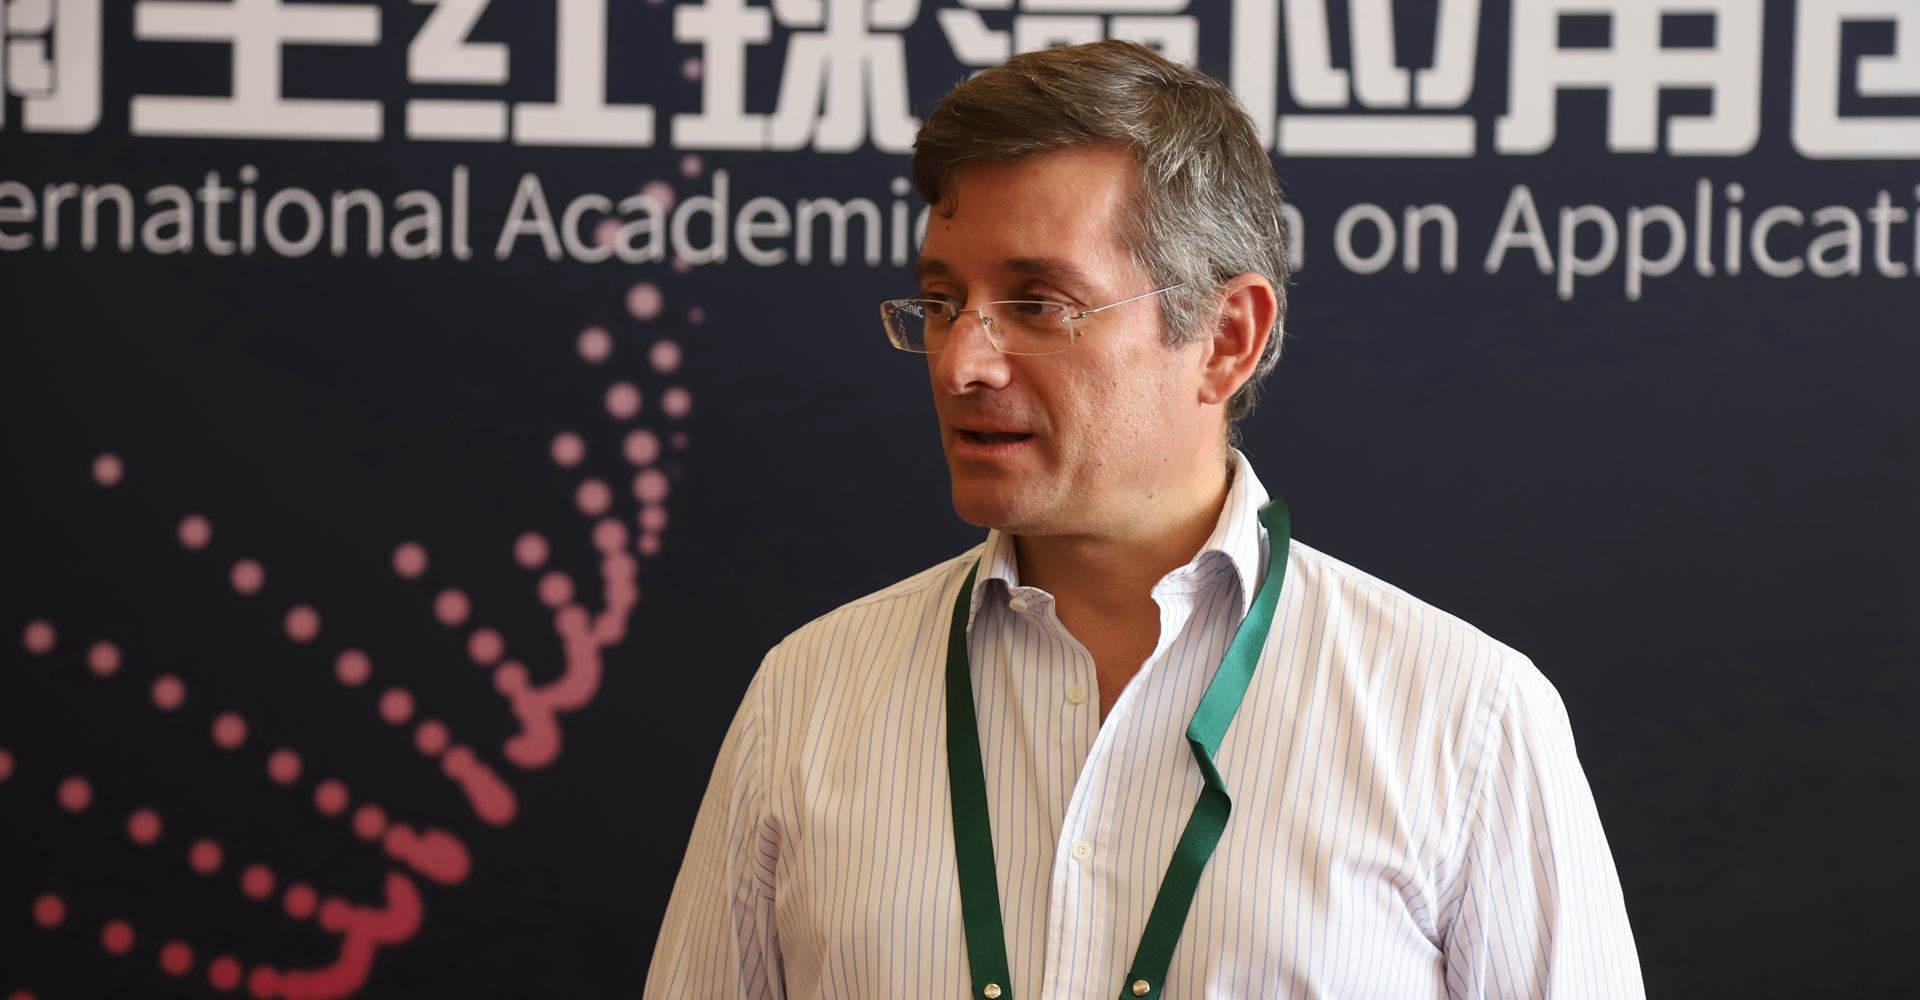 欧洲藻类生物量协会EABA负责人VitorVerdelho Vieira教授接受采访